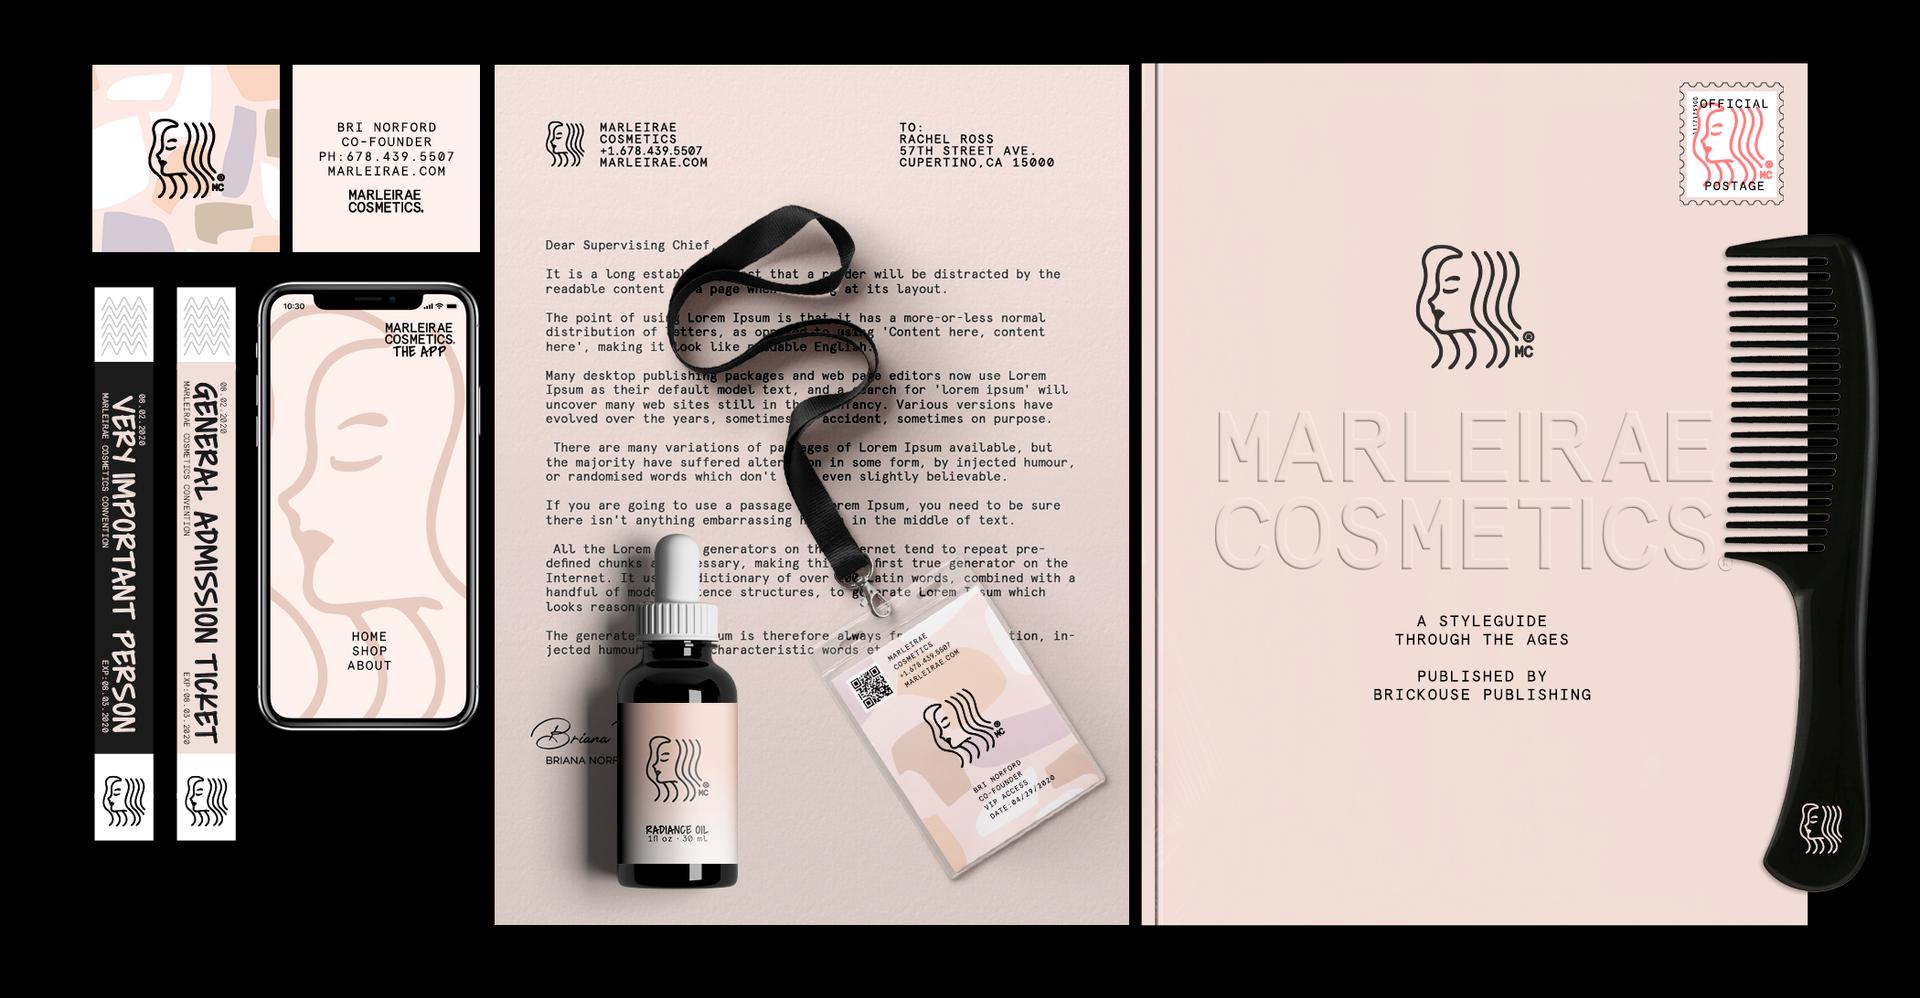 MarleiRae_Branding1.png